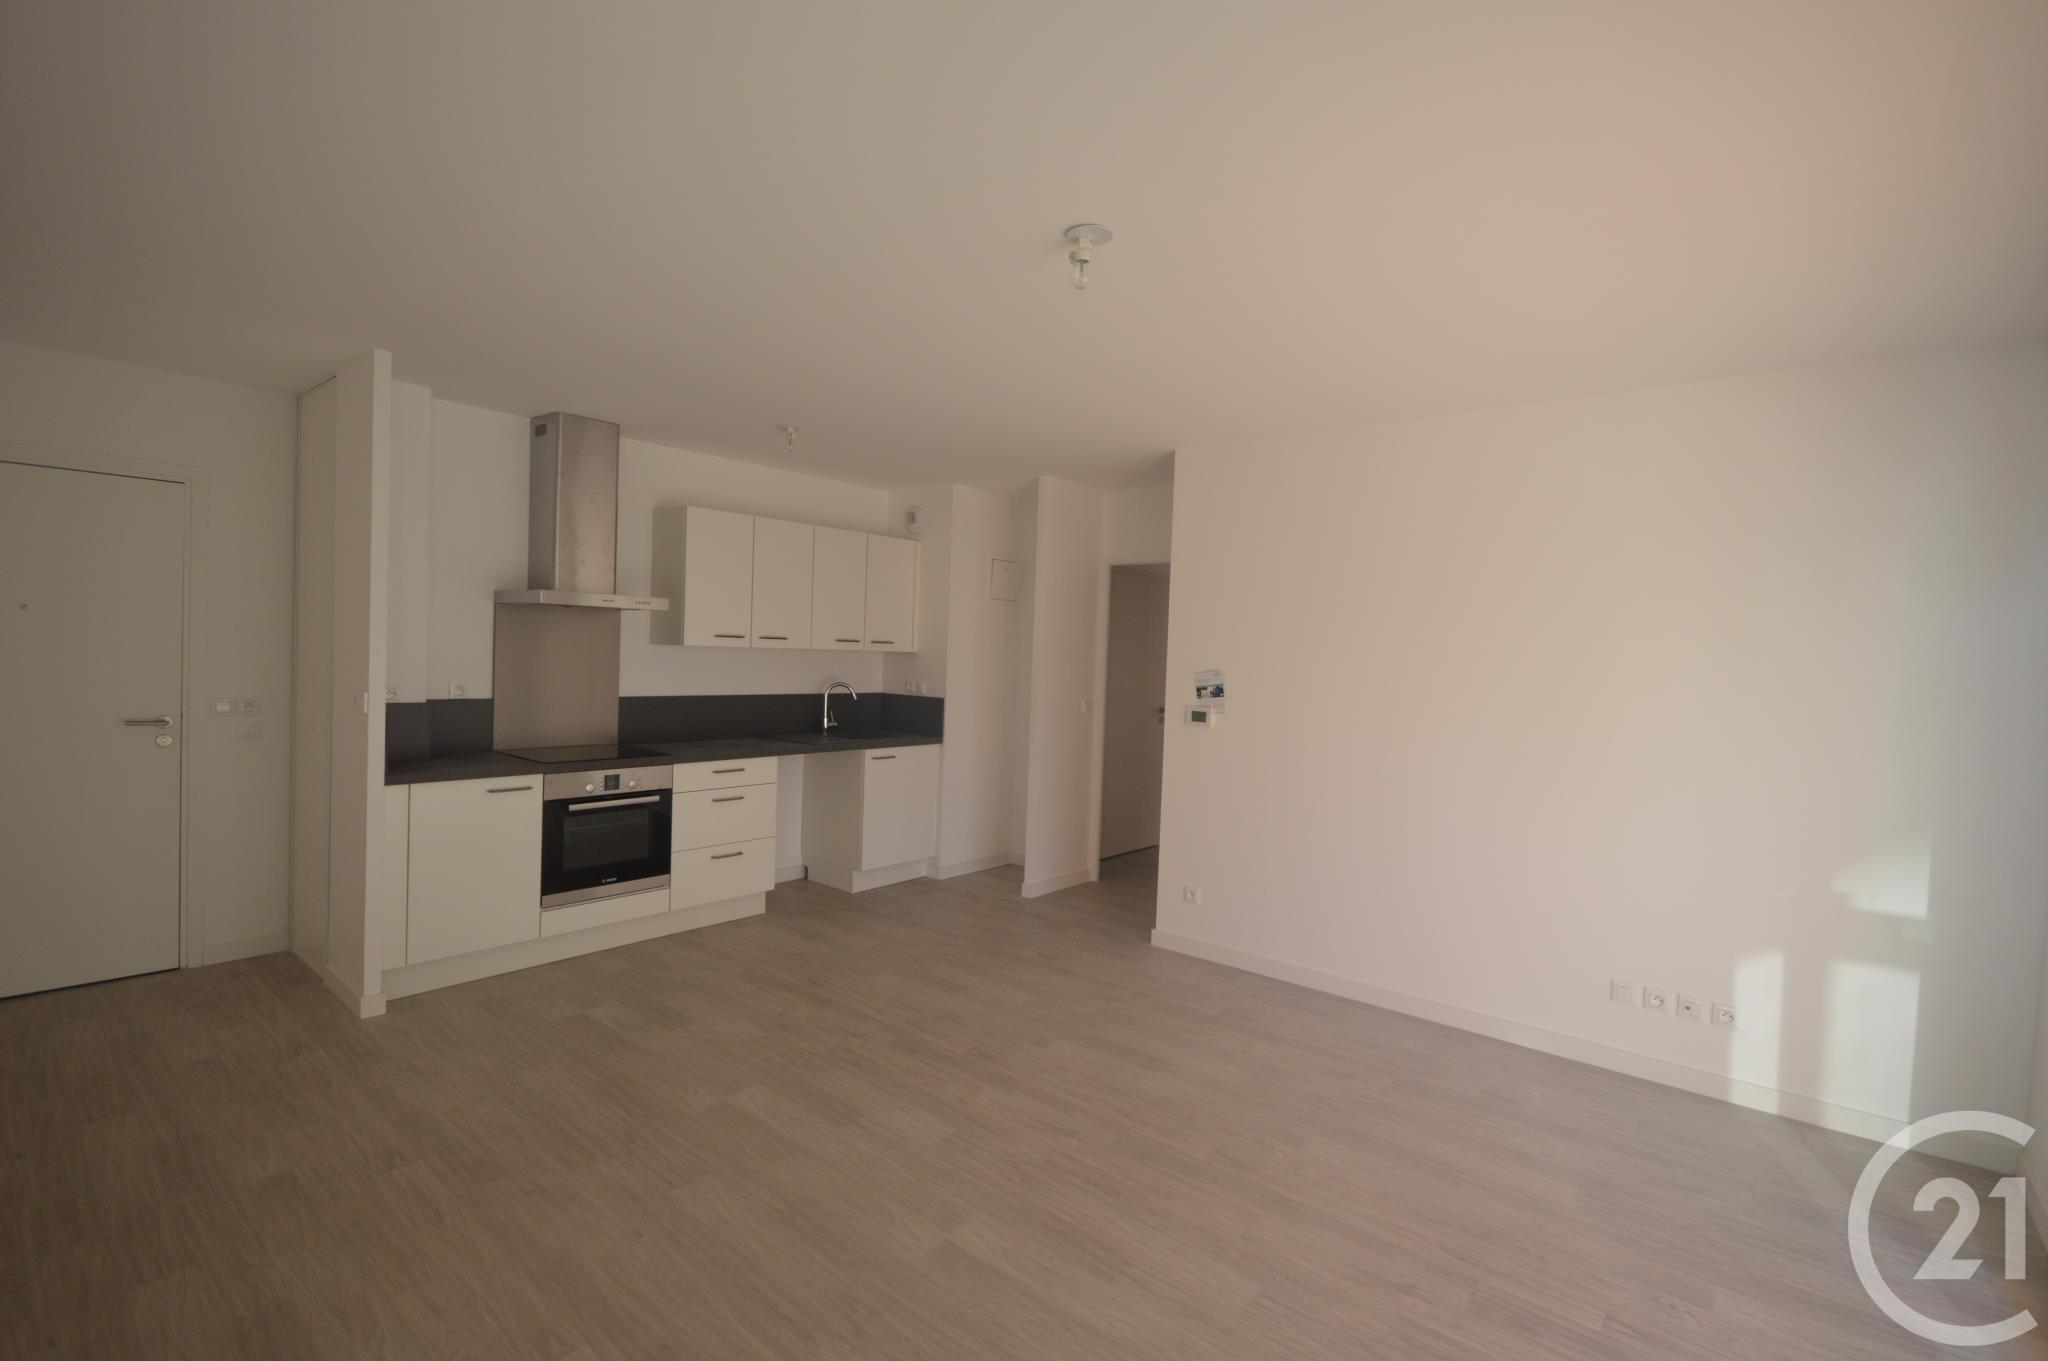 Appartement f3 3 pièces à louer u2013 orleans 45100 u2013 ref. 2319